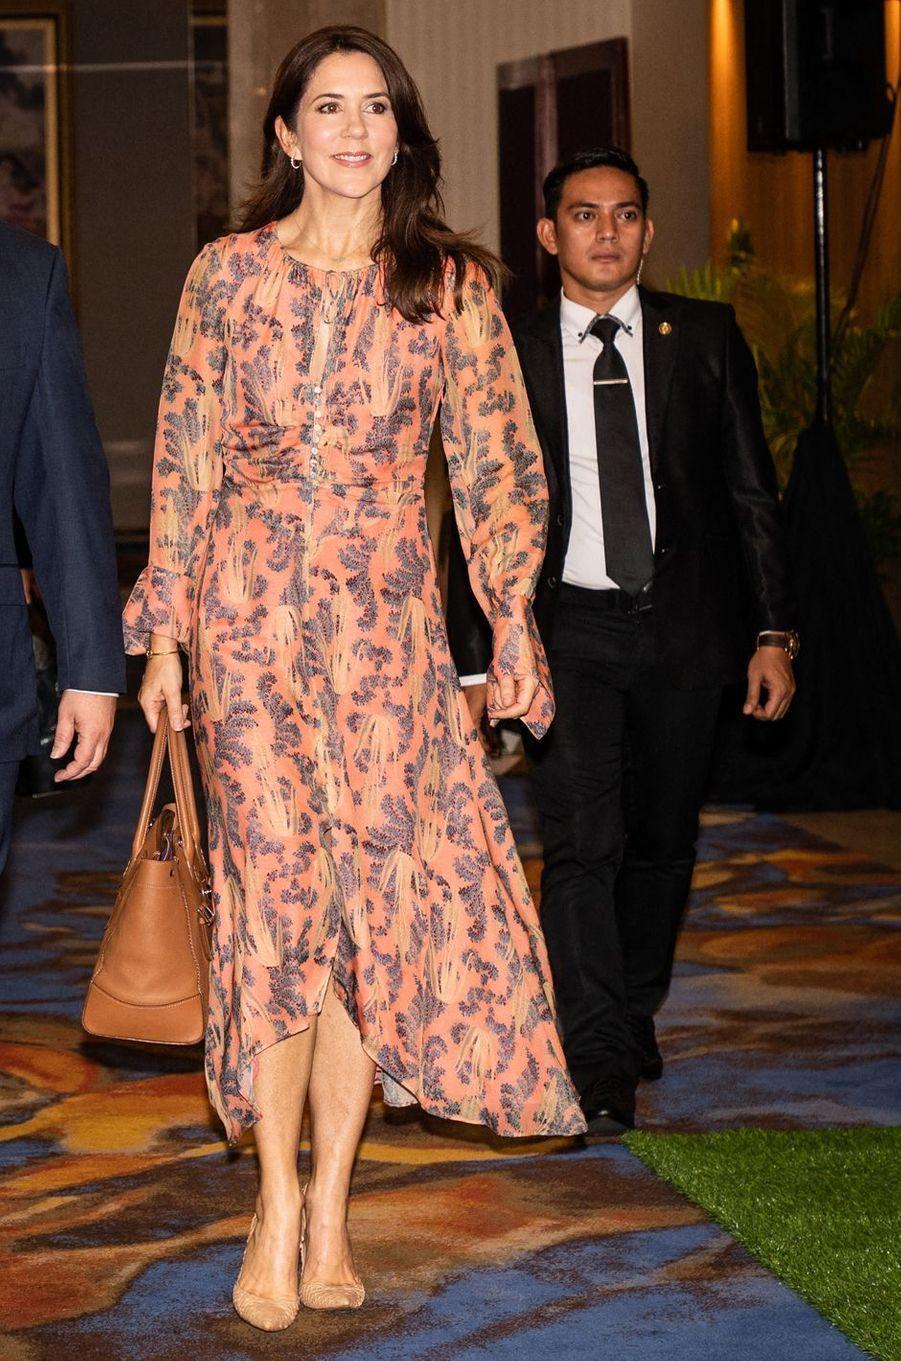 La princesse Mary de Danemark, en H&M Conscious Exclusive, à Jakarta sur l'île de Java en Indonésie, le 2 décembre 2019